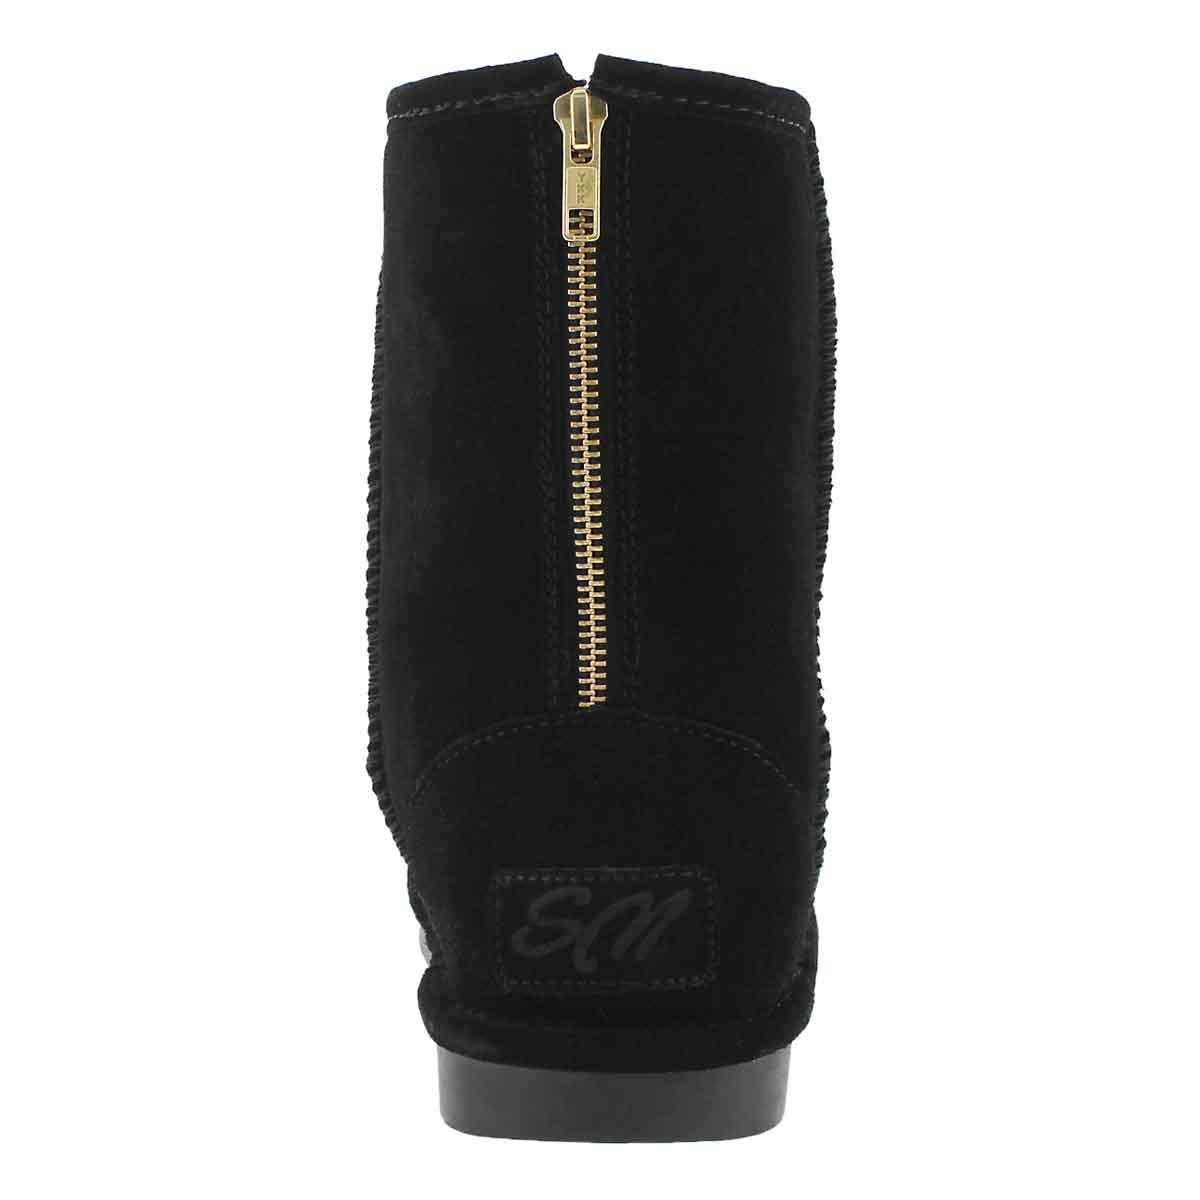 Lds Smocs 5 Zip black suede boot